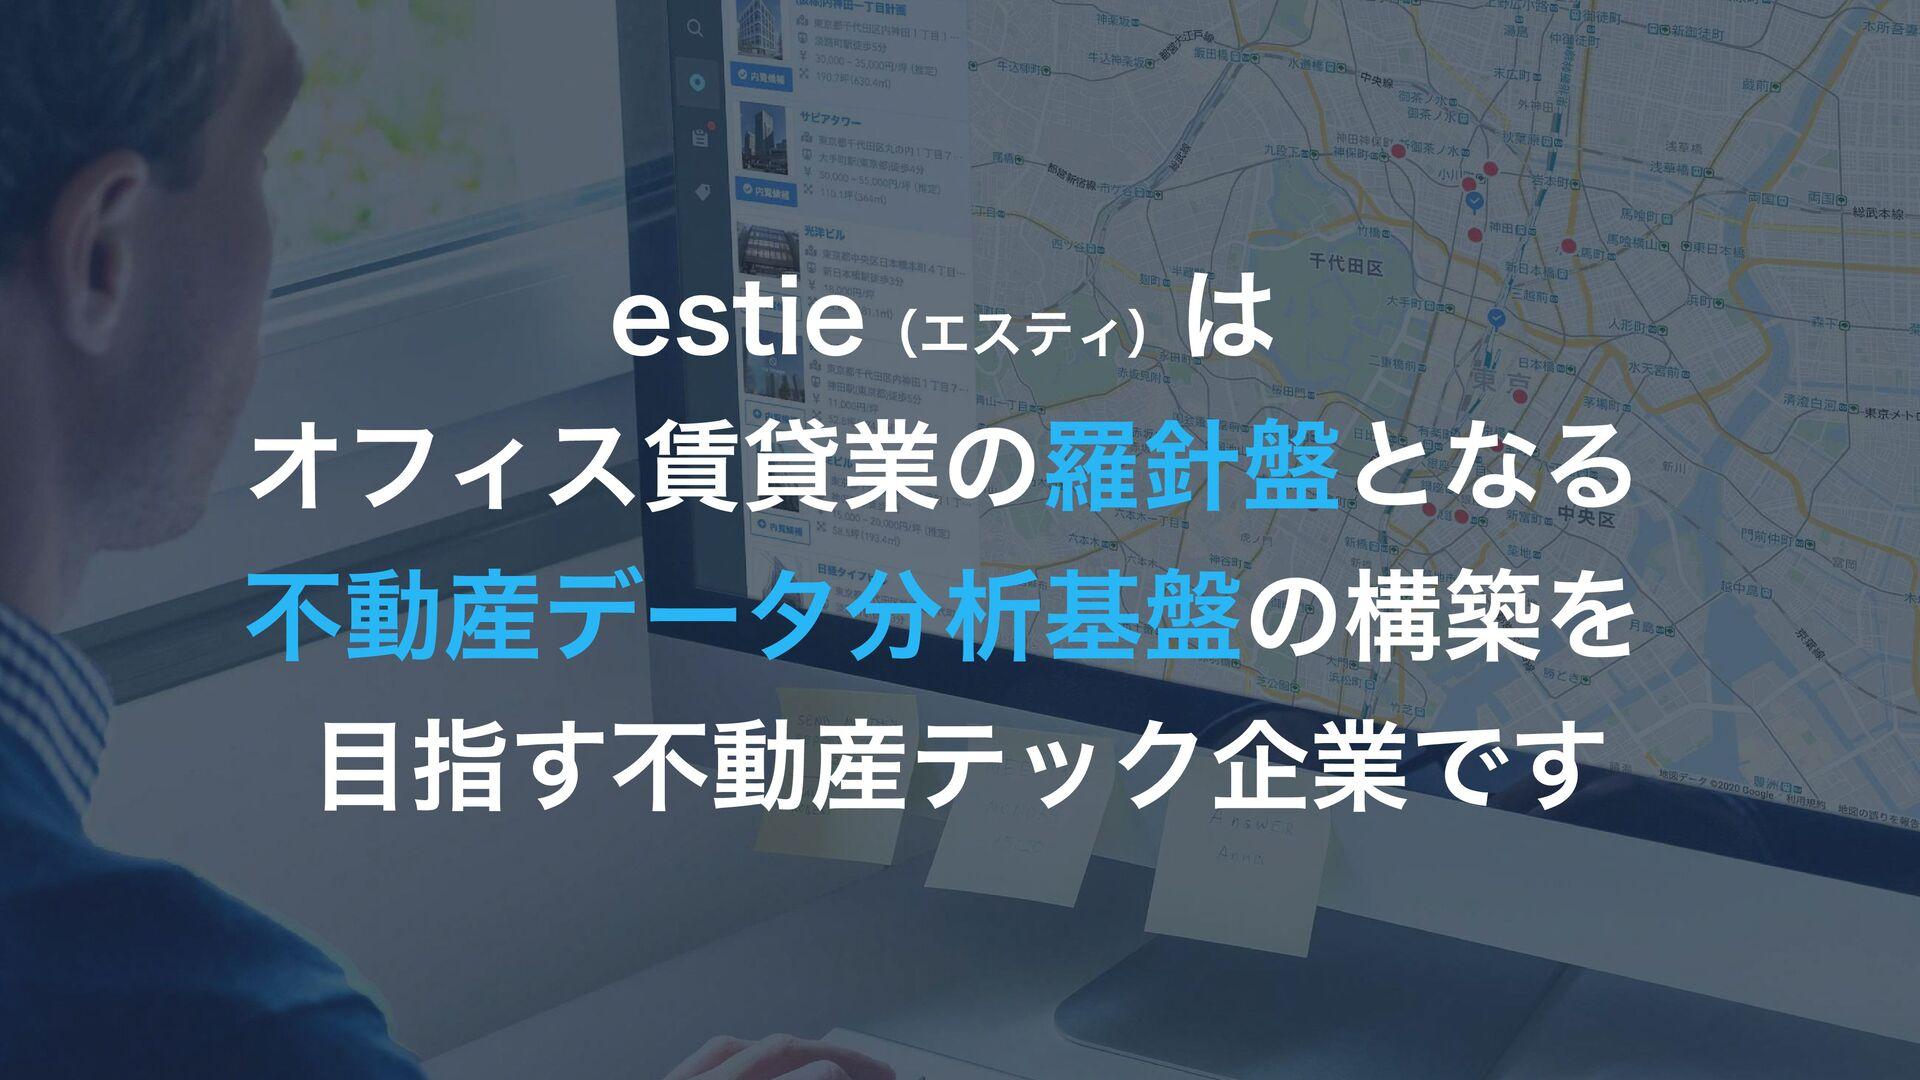 羅針盤 データプラットフォーム estie(エスティ) は  オフィス賃貸業の となる  ...